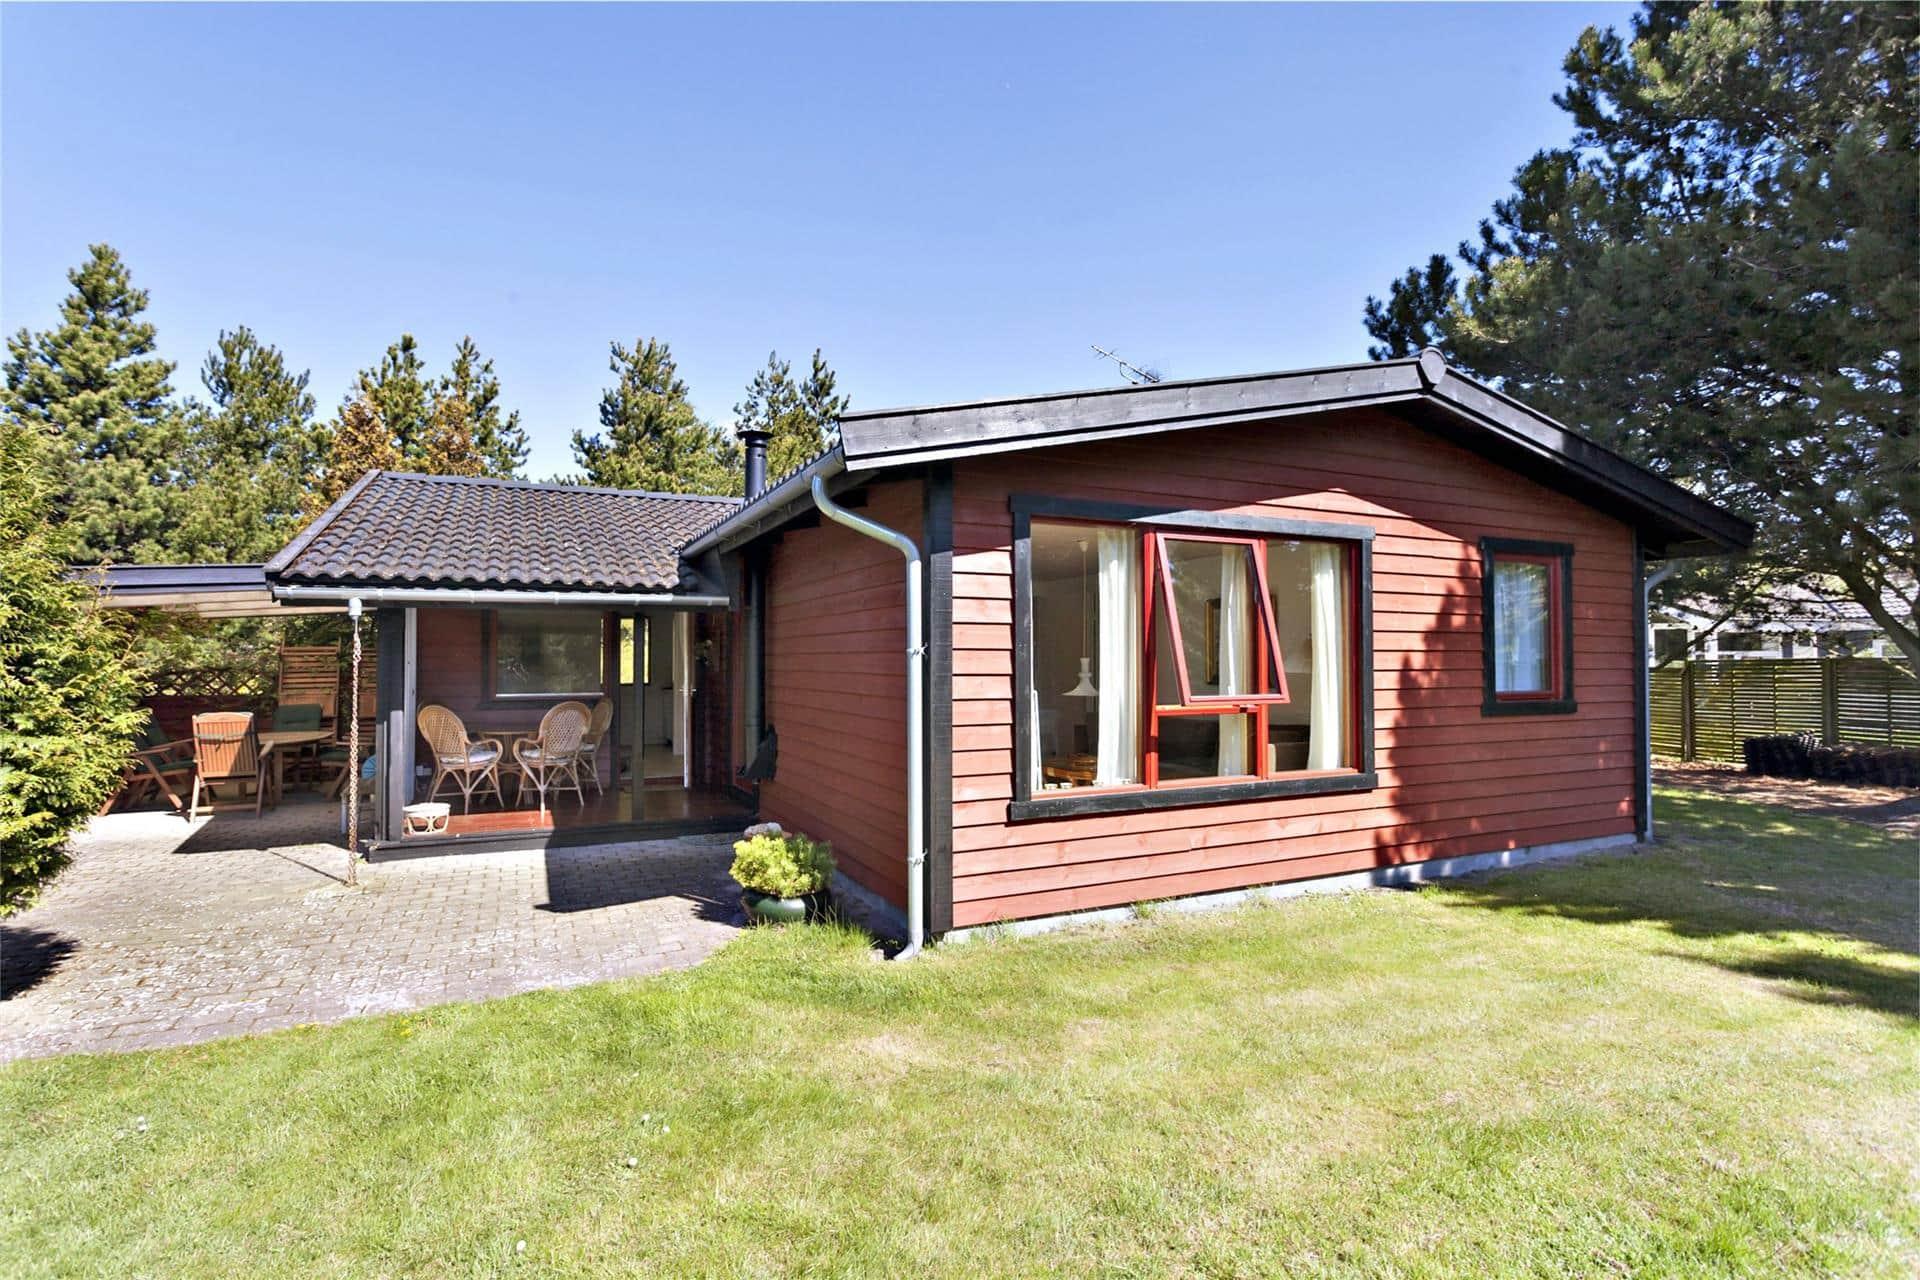 Bild 1-174 Ferienhaus M17006, Snepudevej 9, DK - 4873 Væggerløse